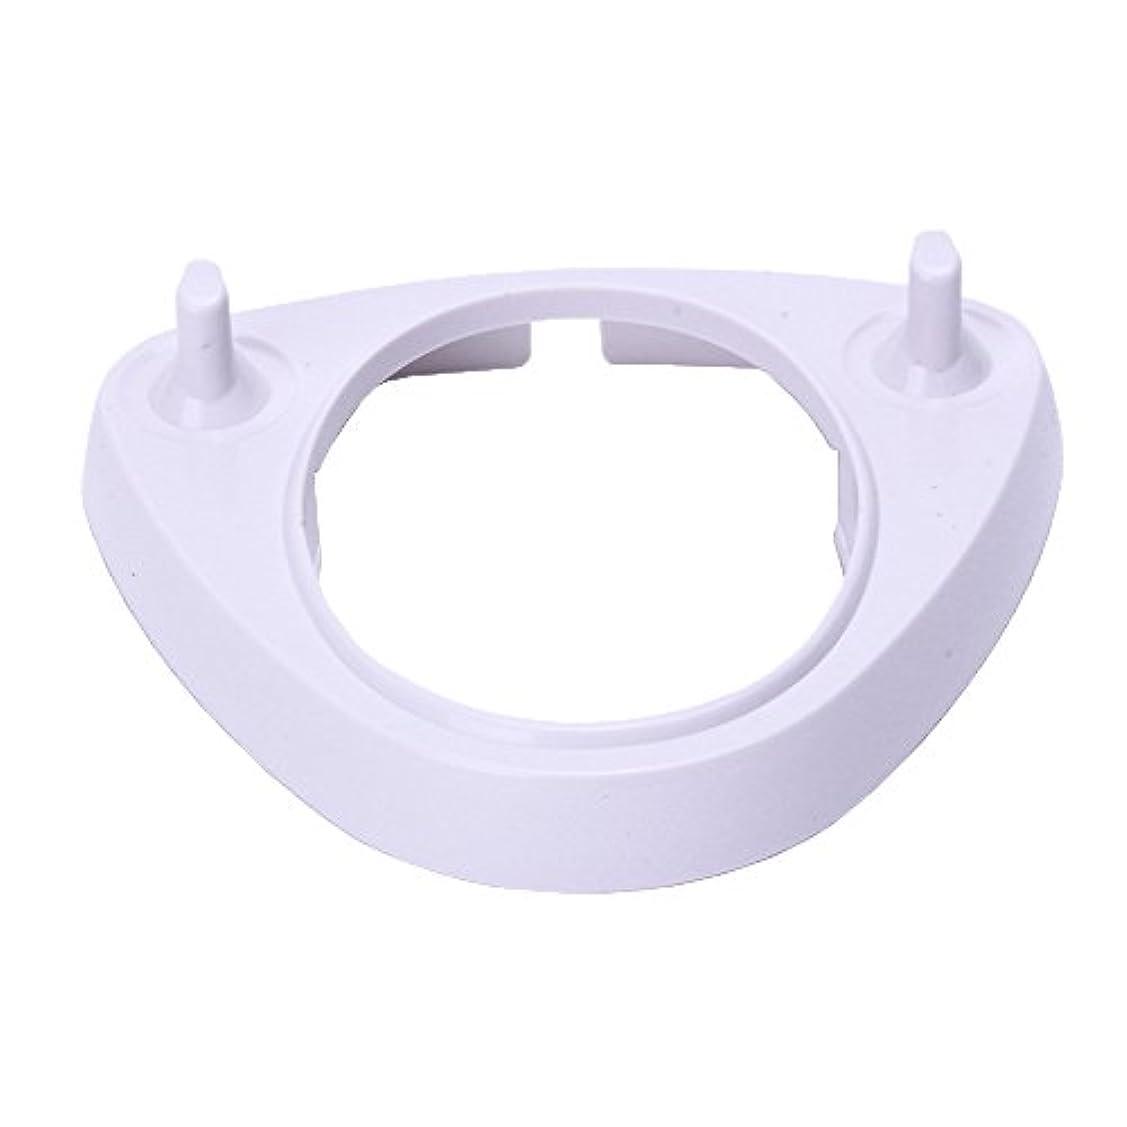 アカデミック特異なサーカス白いハードプラスチックスタンド for ブラウンオーラルB電動歯ブラシ充電器 by Kadior